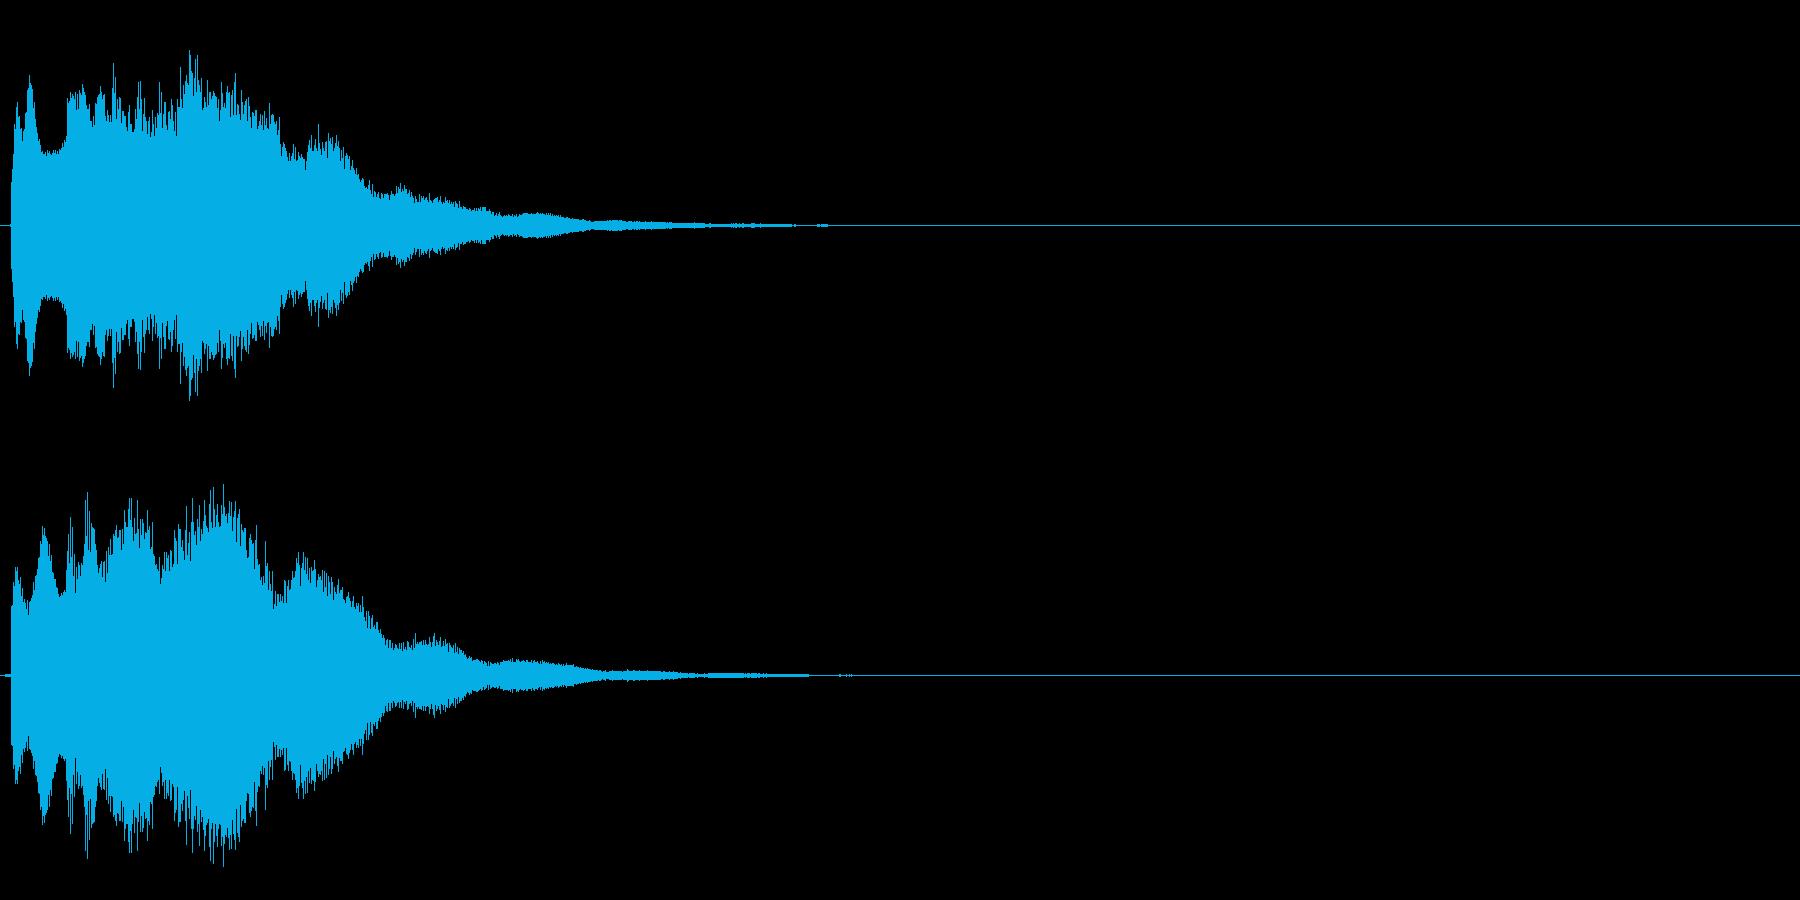 キラキラーン(超綺麗クリスタルな効果音)の再生済みの波形